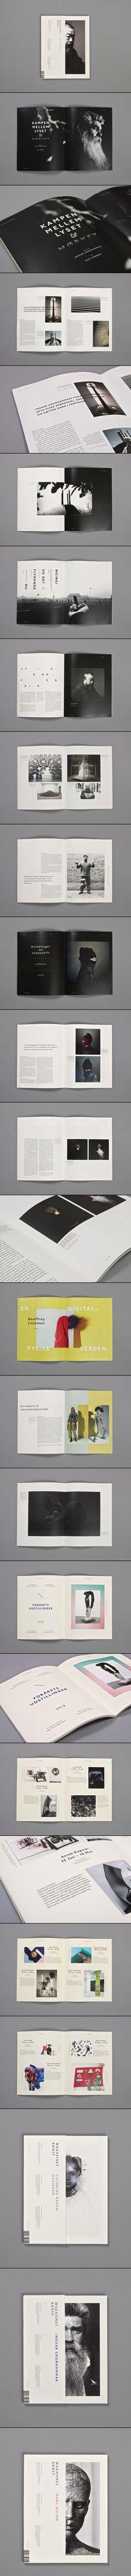 Texto e fotografia